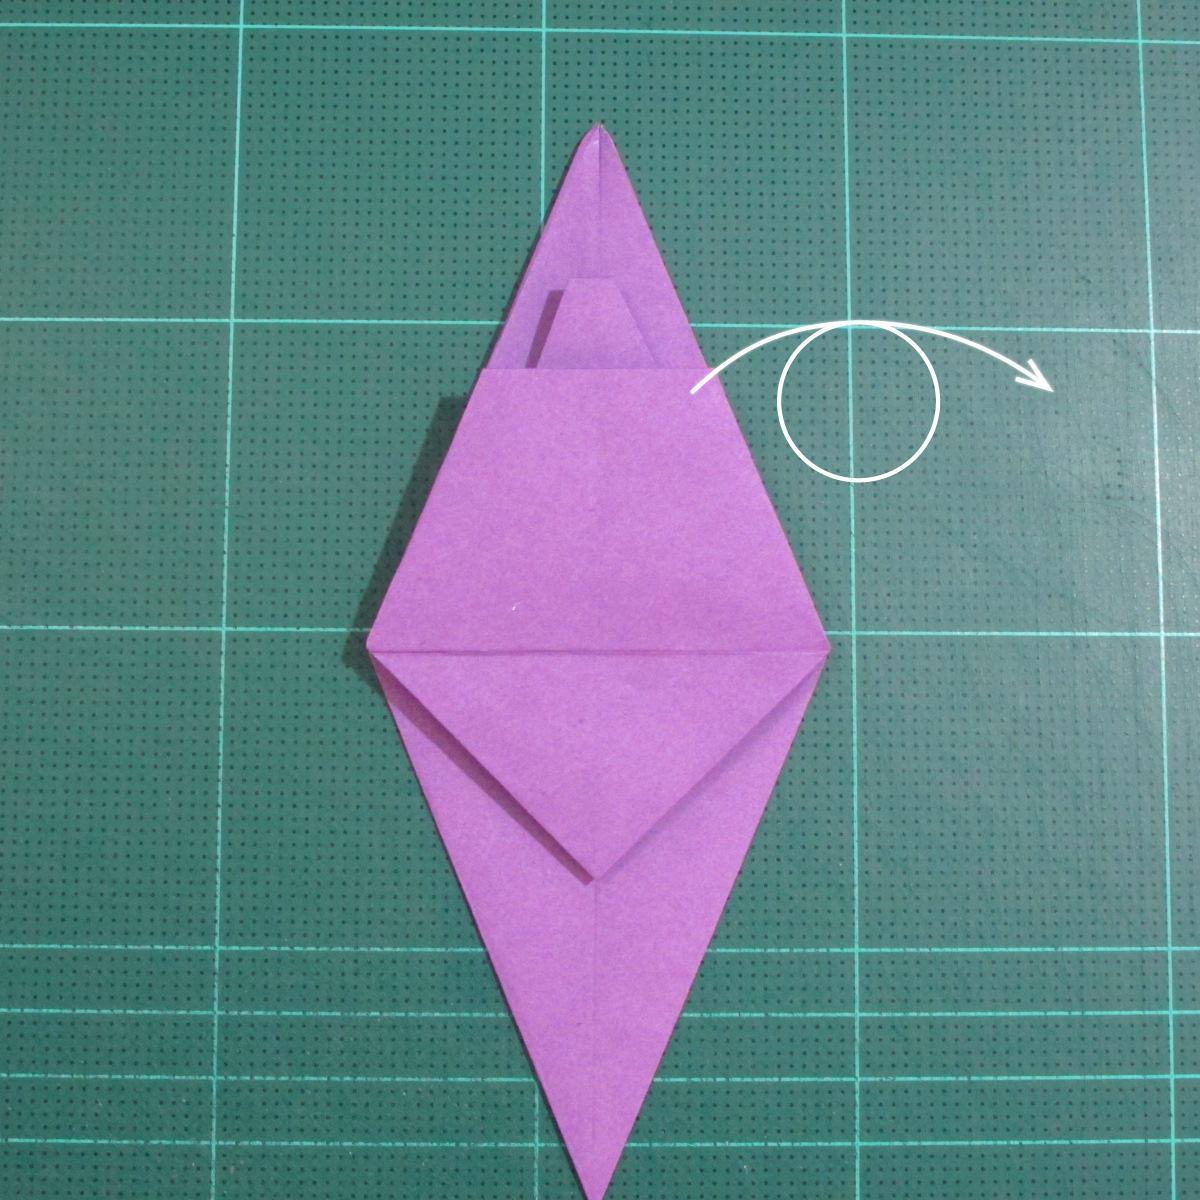 วิธีพับกระดาษเป็นรูปเต่าแบบง่าย (Easy Origami Turtle) 012